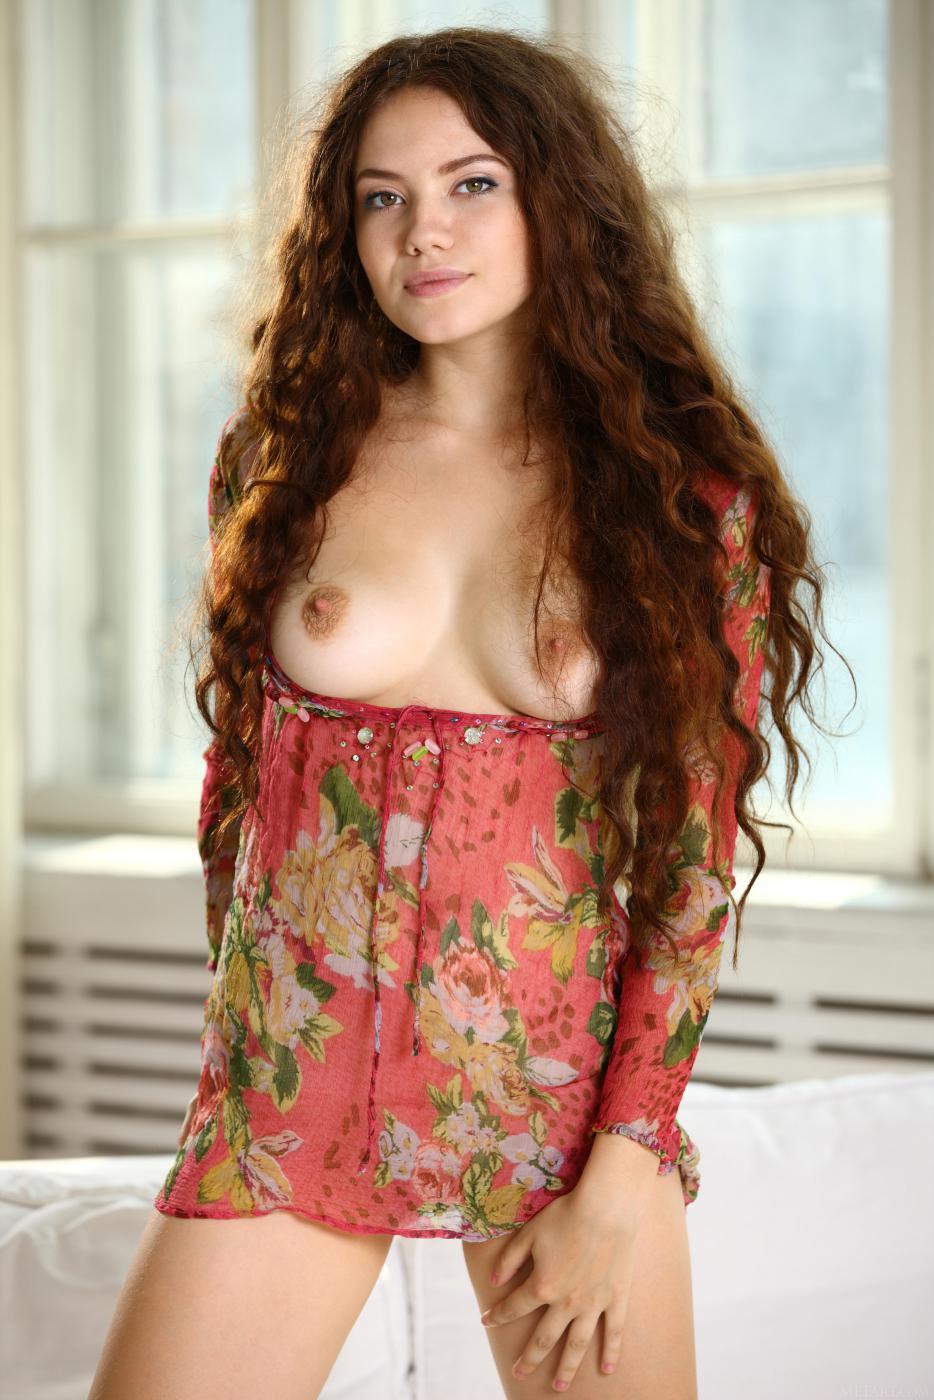 Натуральная брюнетка соблазнительница Norma Joel снимает свое платье и показывает свое классное тело